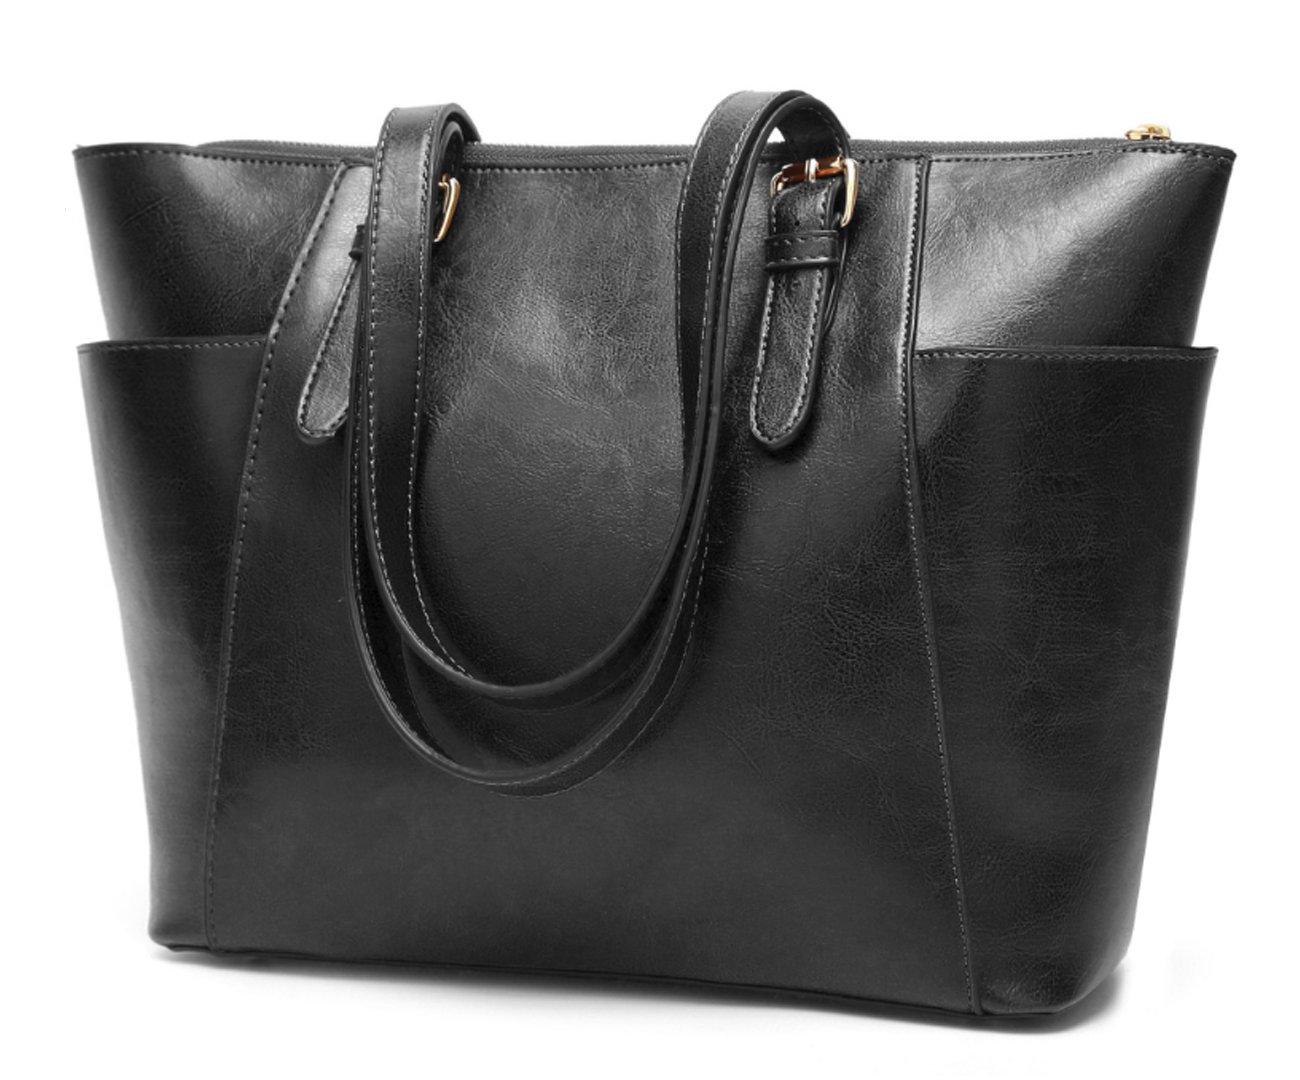 Women's Vintage Fine Fibre Genuine Leather Bag Tote Shoulder Bag Handbag Model Pocket Black